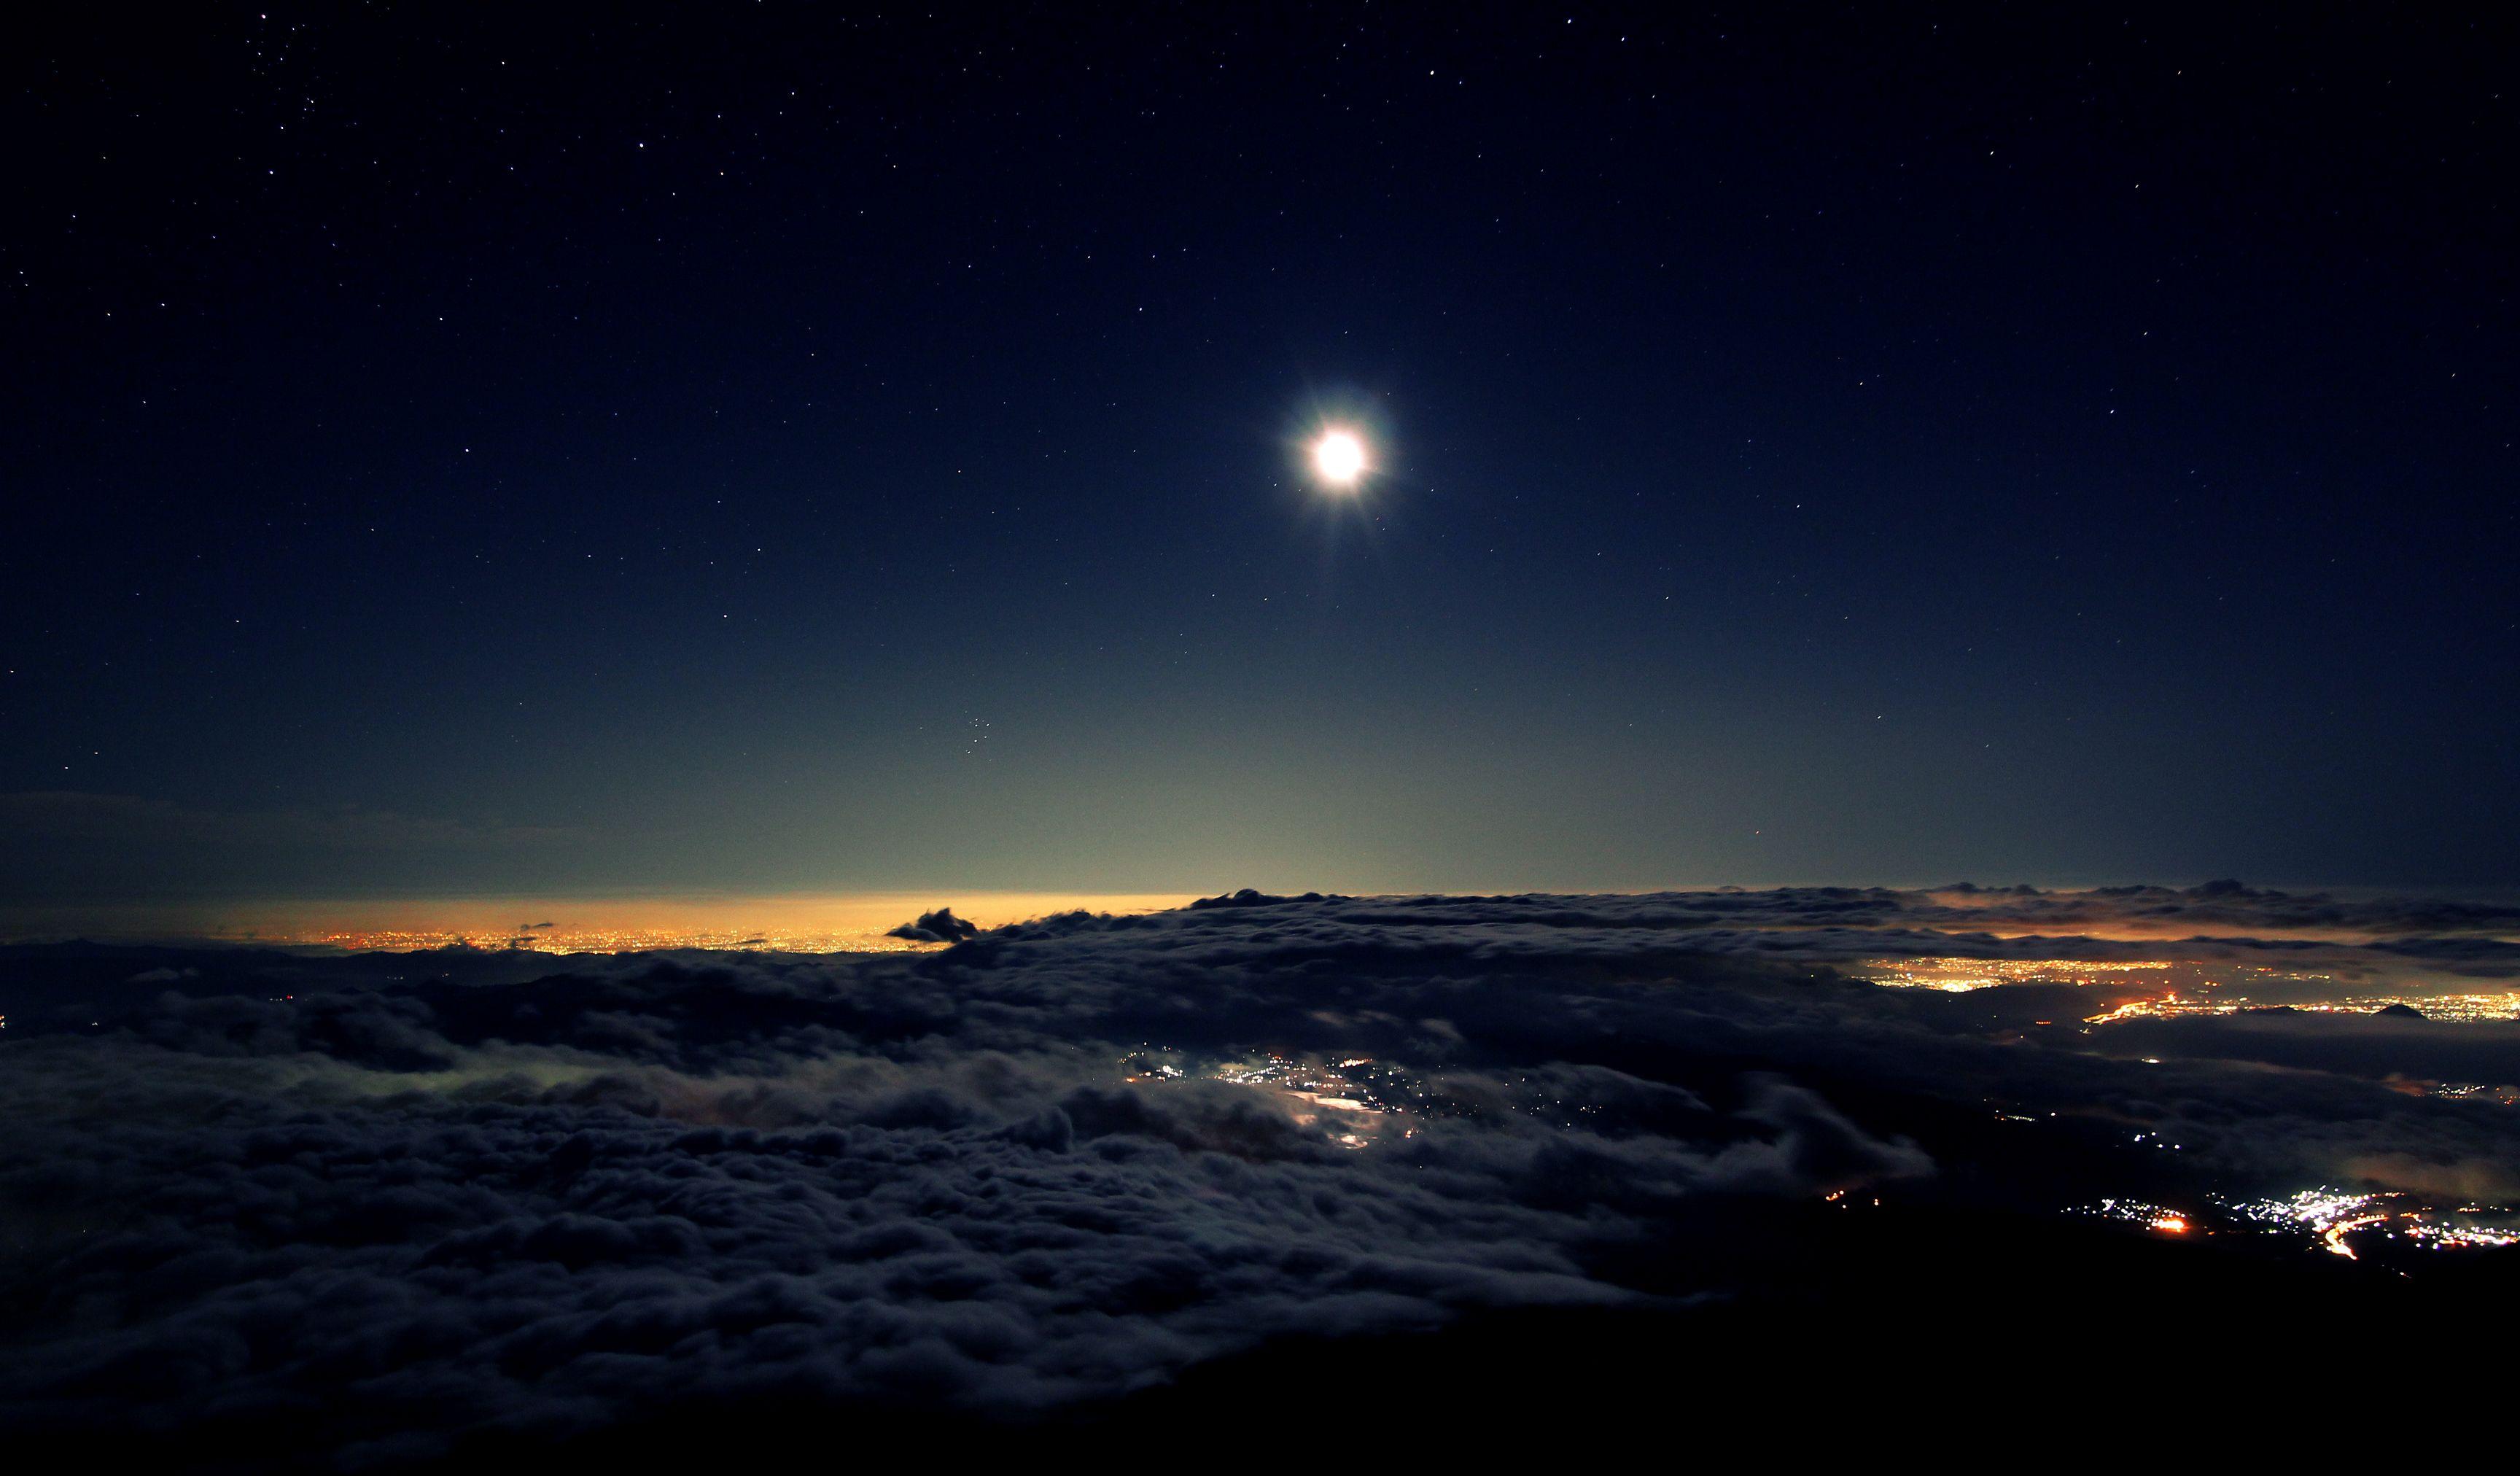 луна на звездном небе фото высокого разрешения нас самые модные